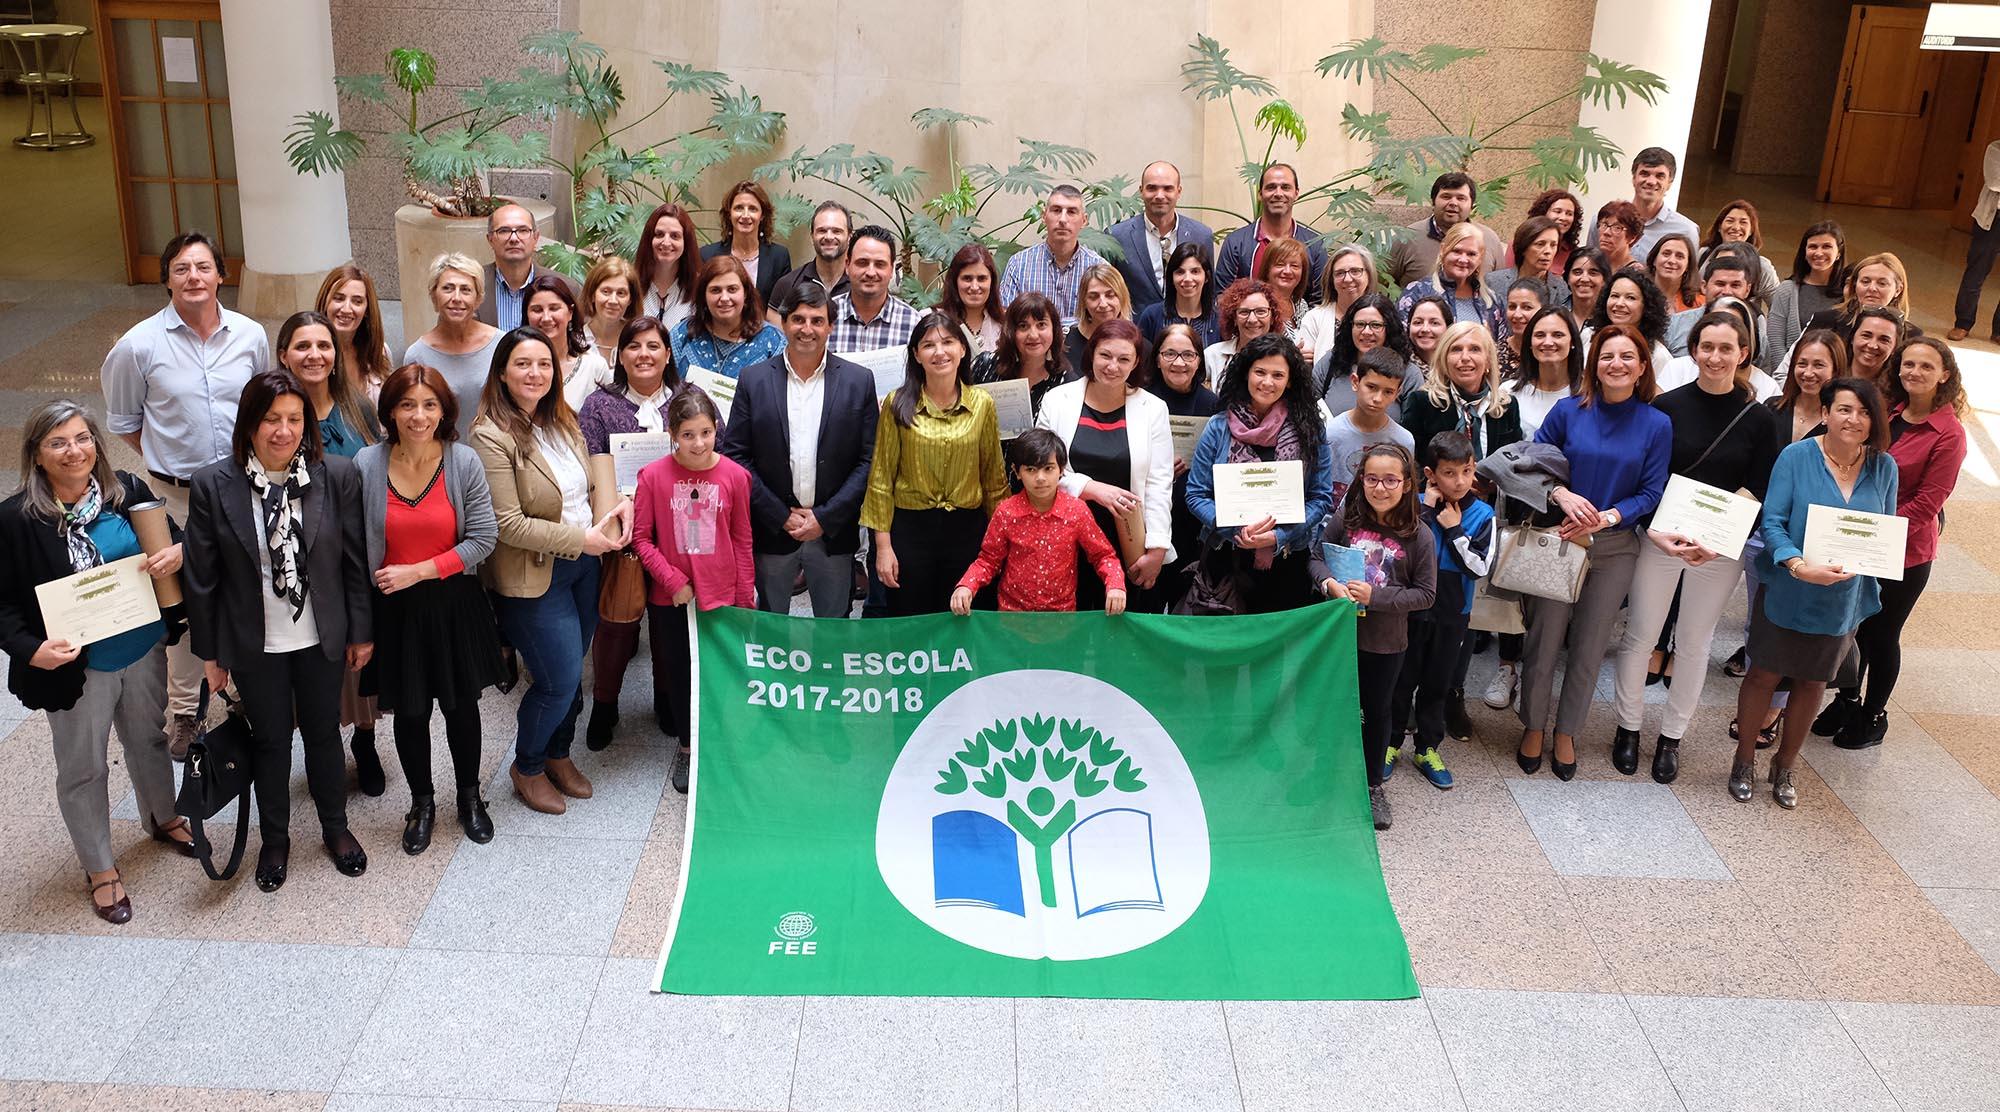 Susana Prada realça papel da escola no combate às alterações climáticas